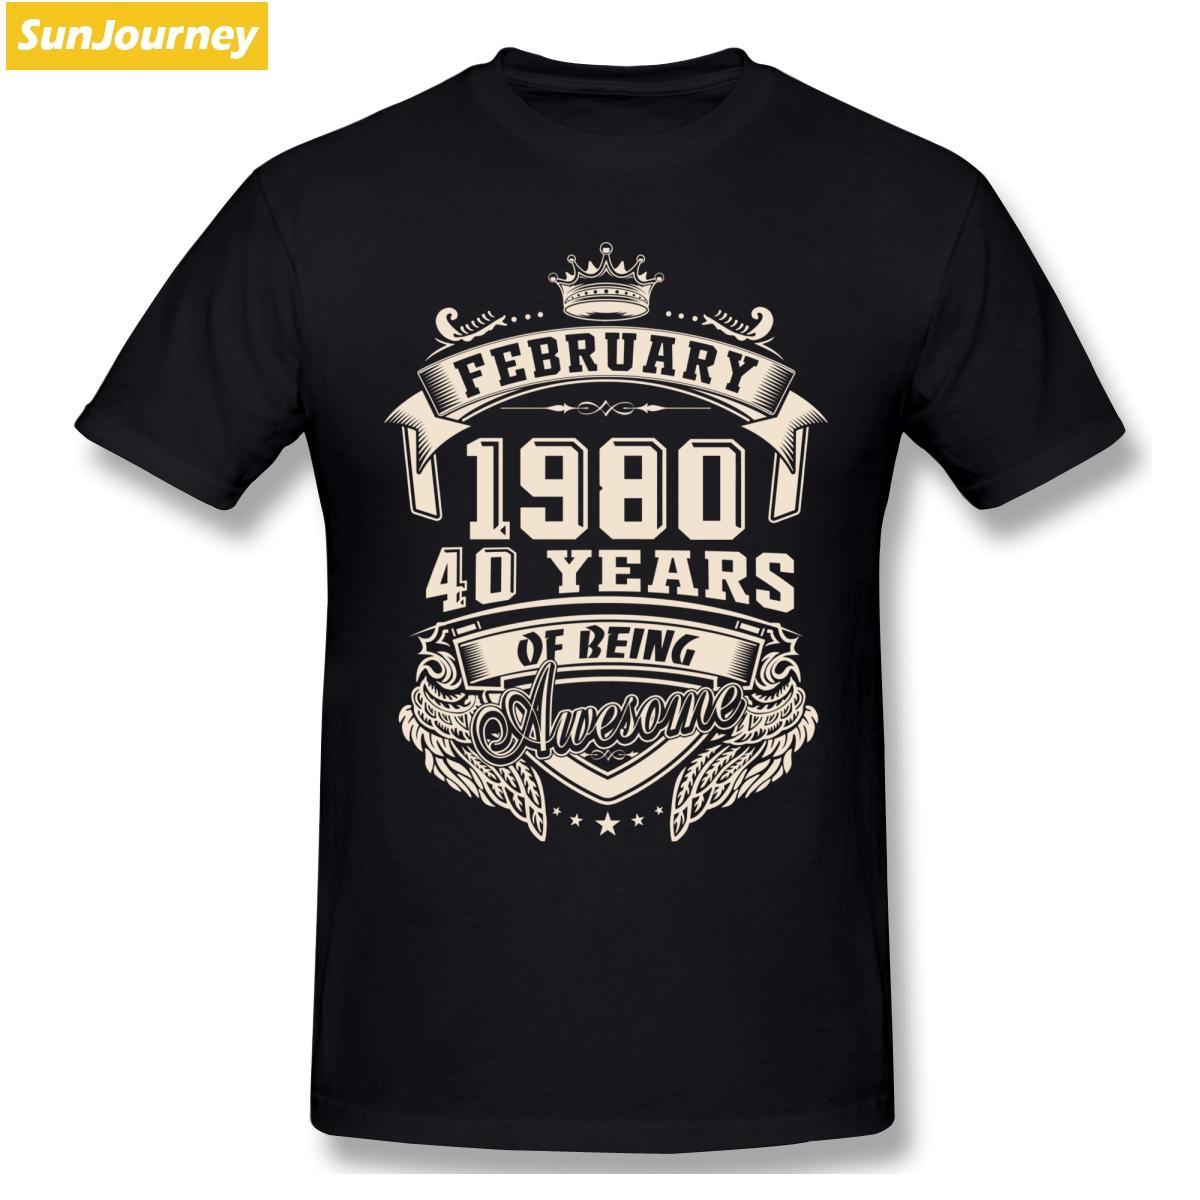 Nato nel febbraio del 1980 a 40 anni di essere uomini della maglietta impressionante Oversize O-collo cotone manica corta t-shirt Uomo